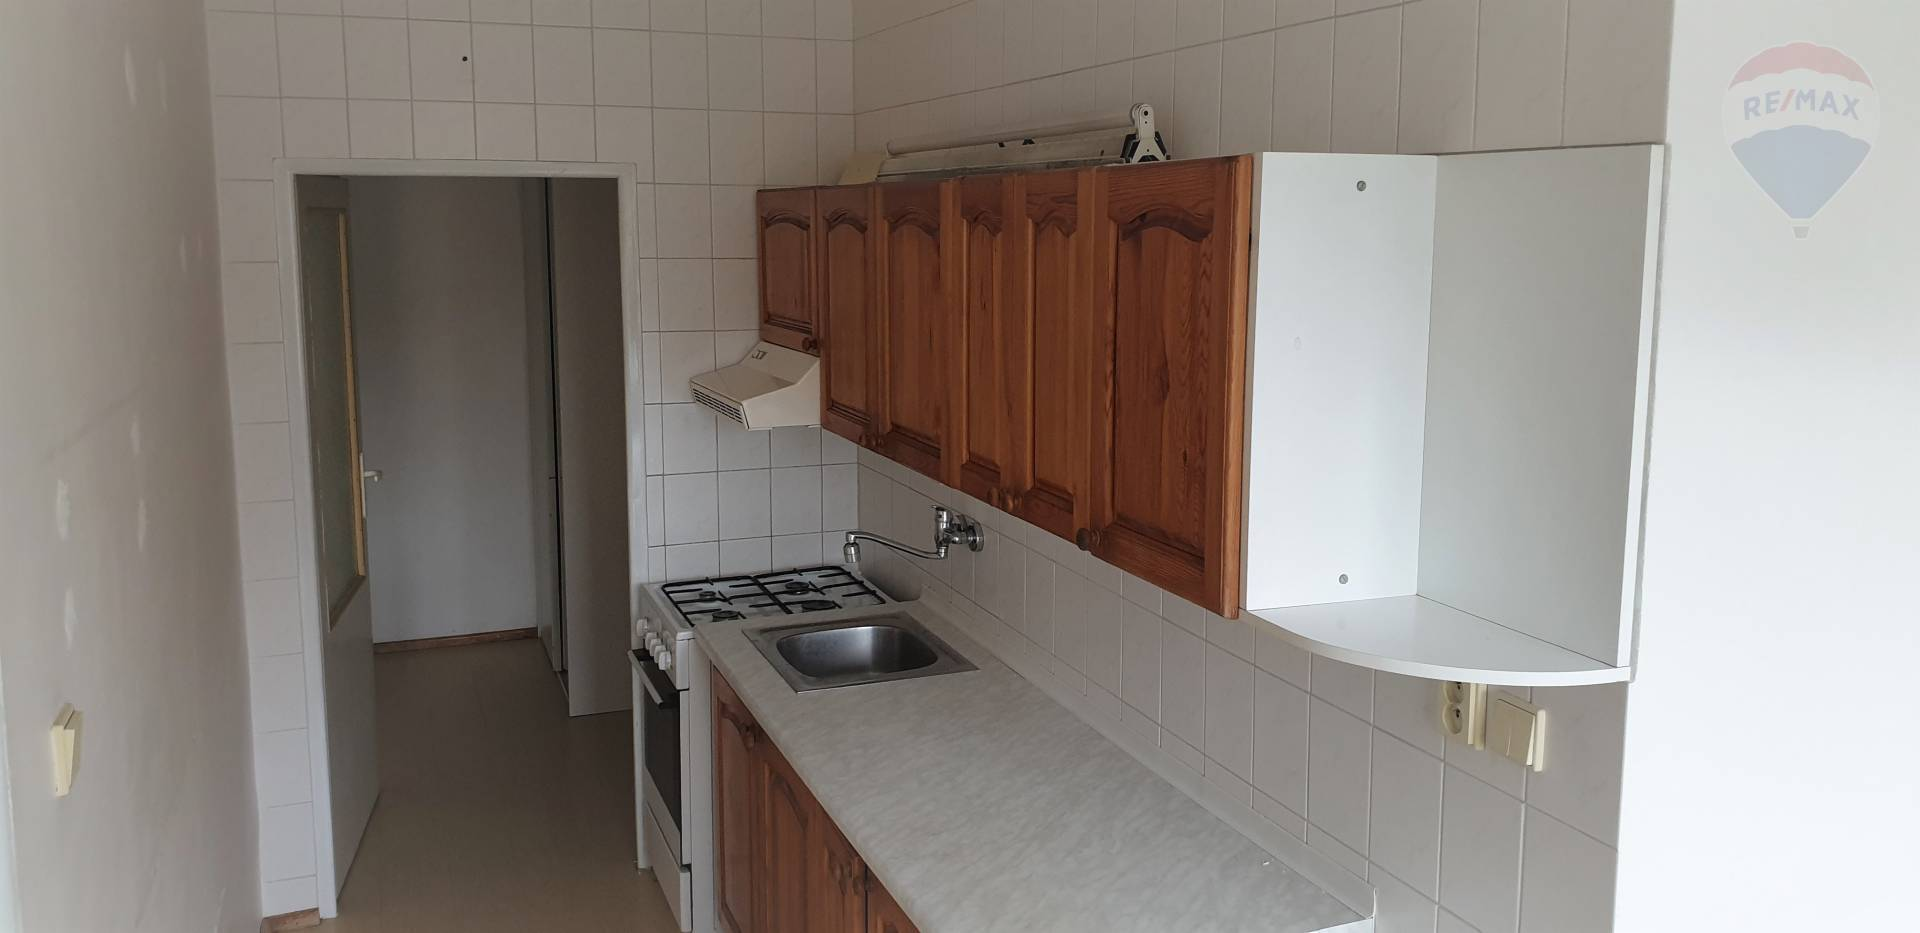 REZERVOVANÉ!!! 2-izbový veľkometrážny byt v širšom centre mesta